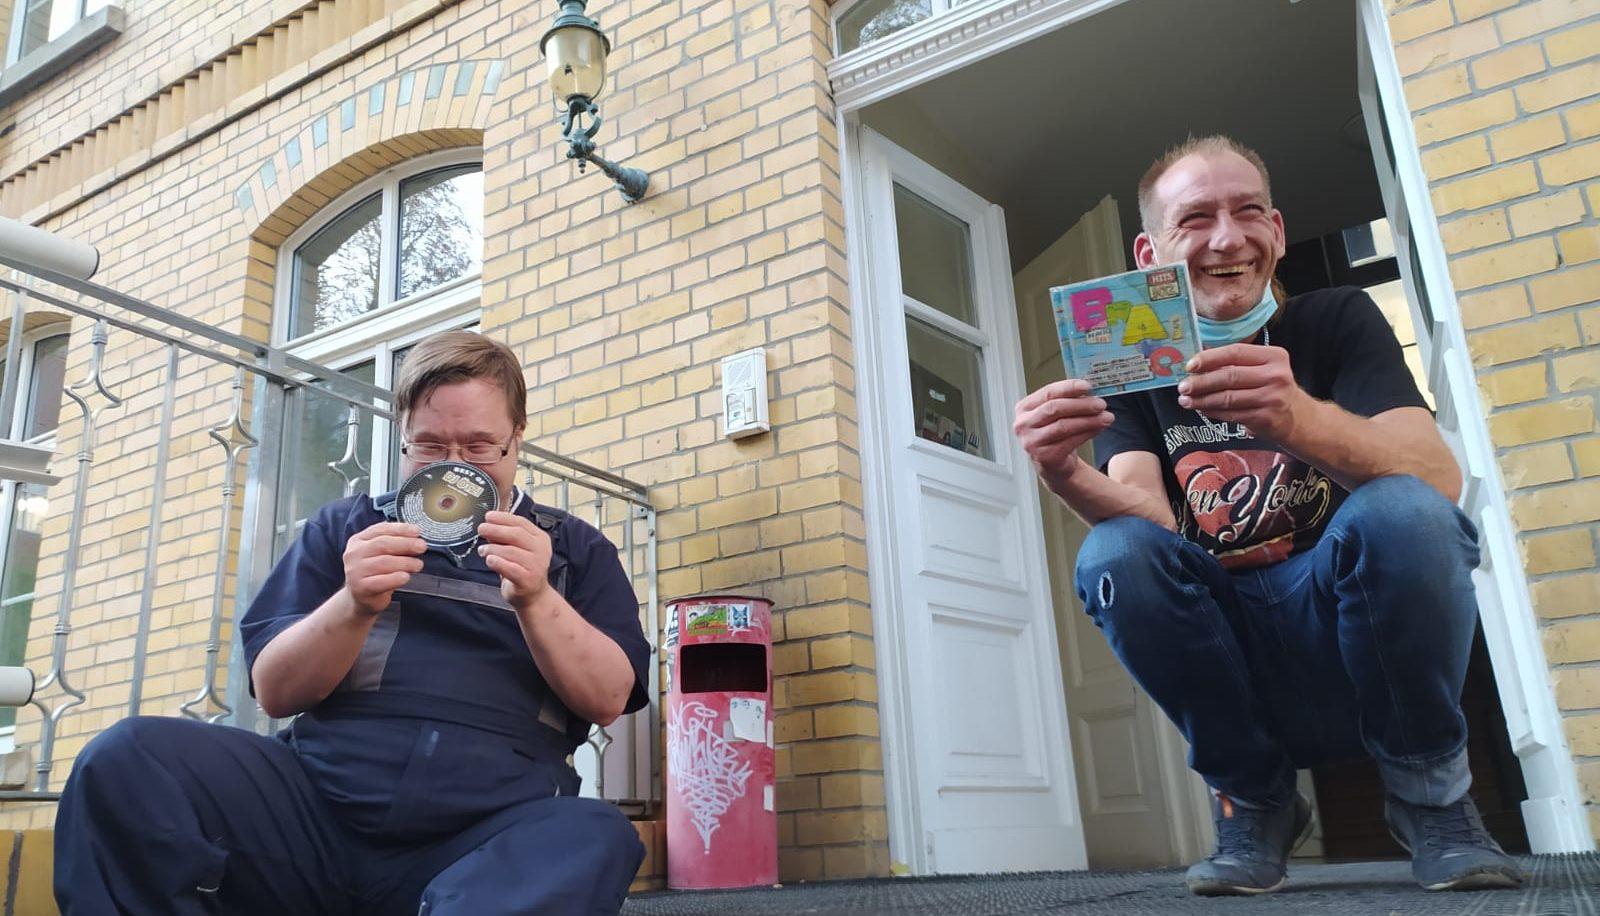 Titelbild: Die Autoren halten die im Text empfohlene CD in den Händen